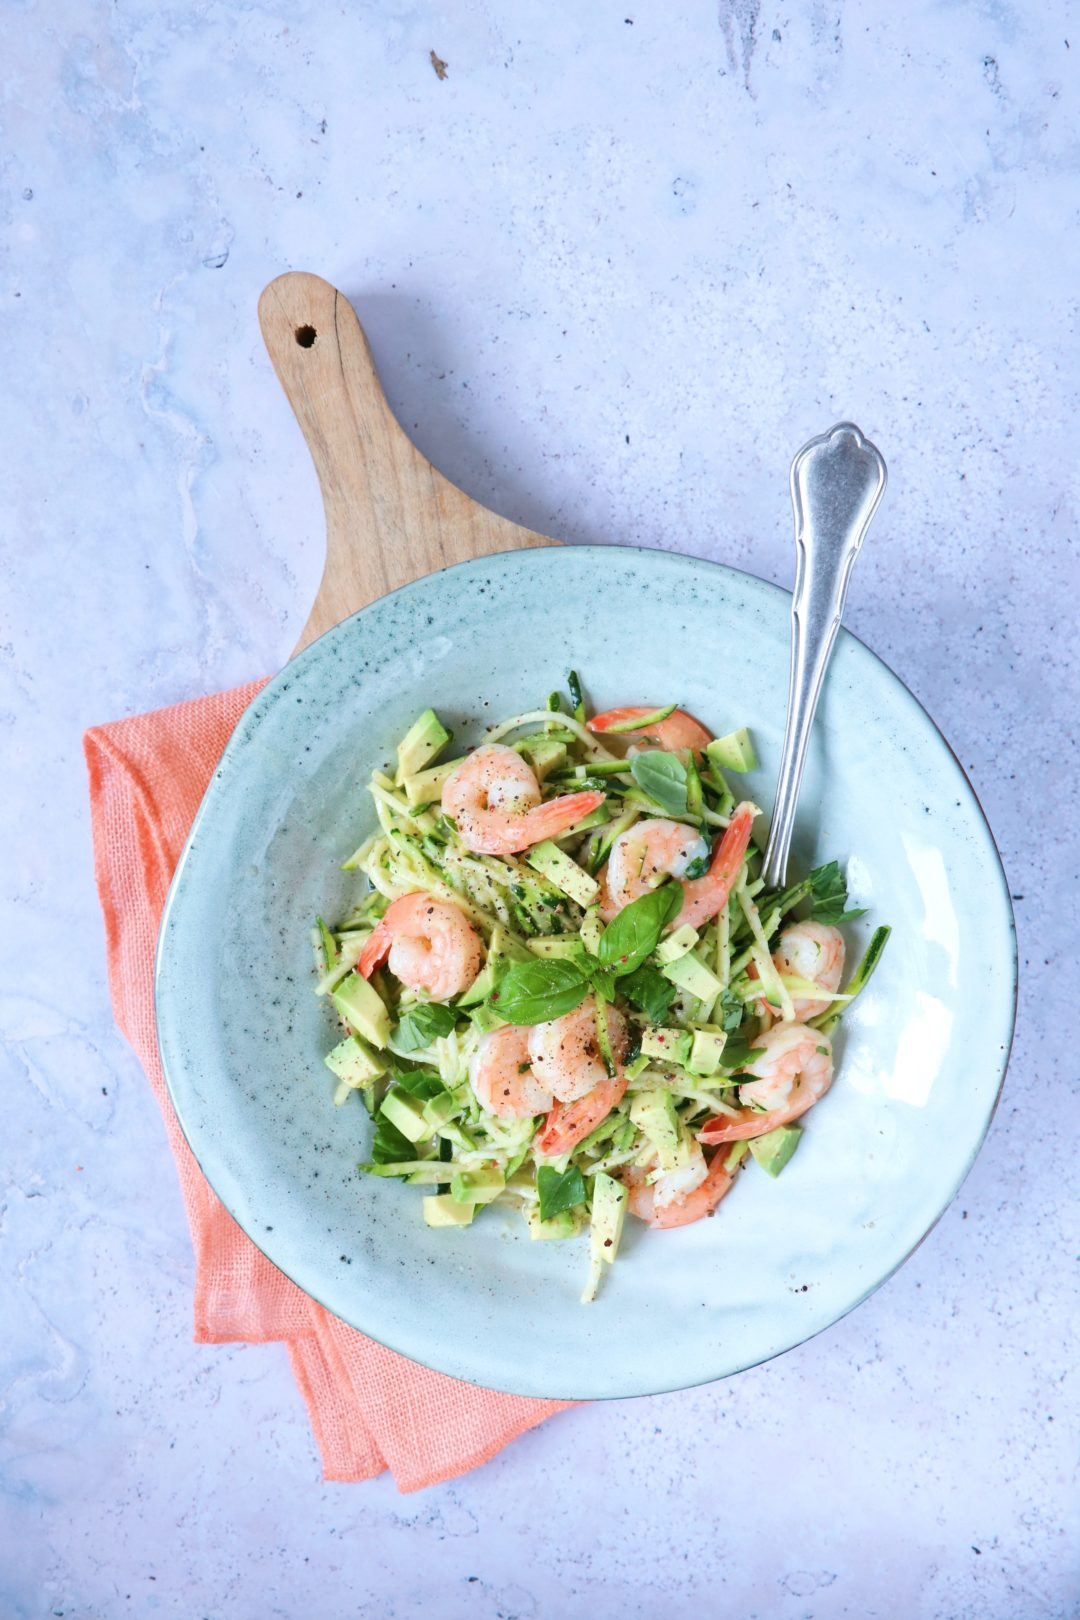 recept romige courgette pasta met garnalen www.jaimyskitchen.nl